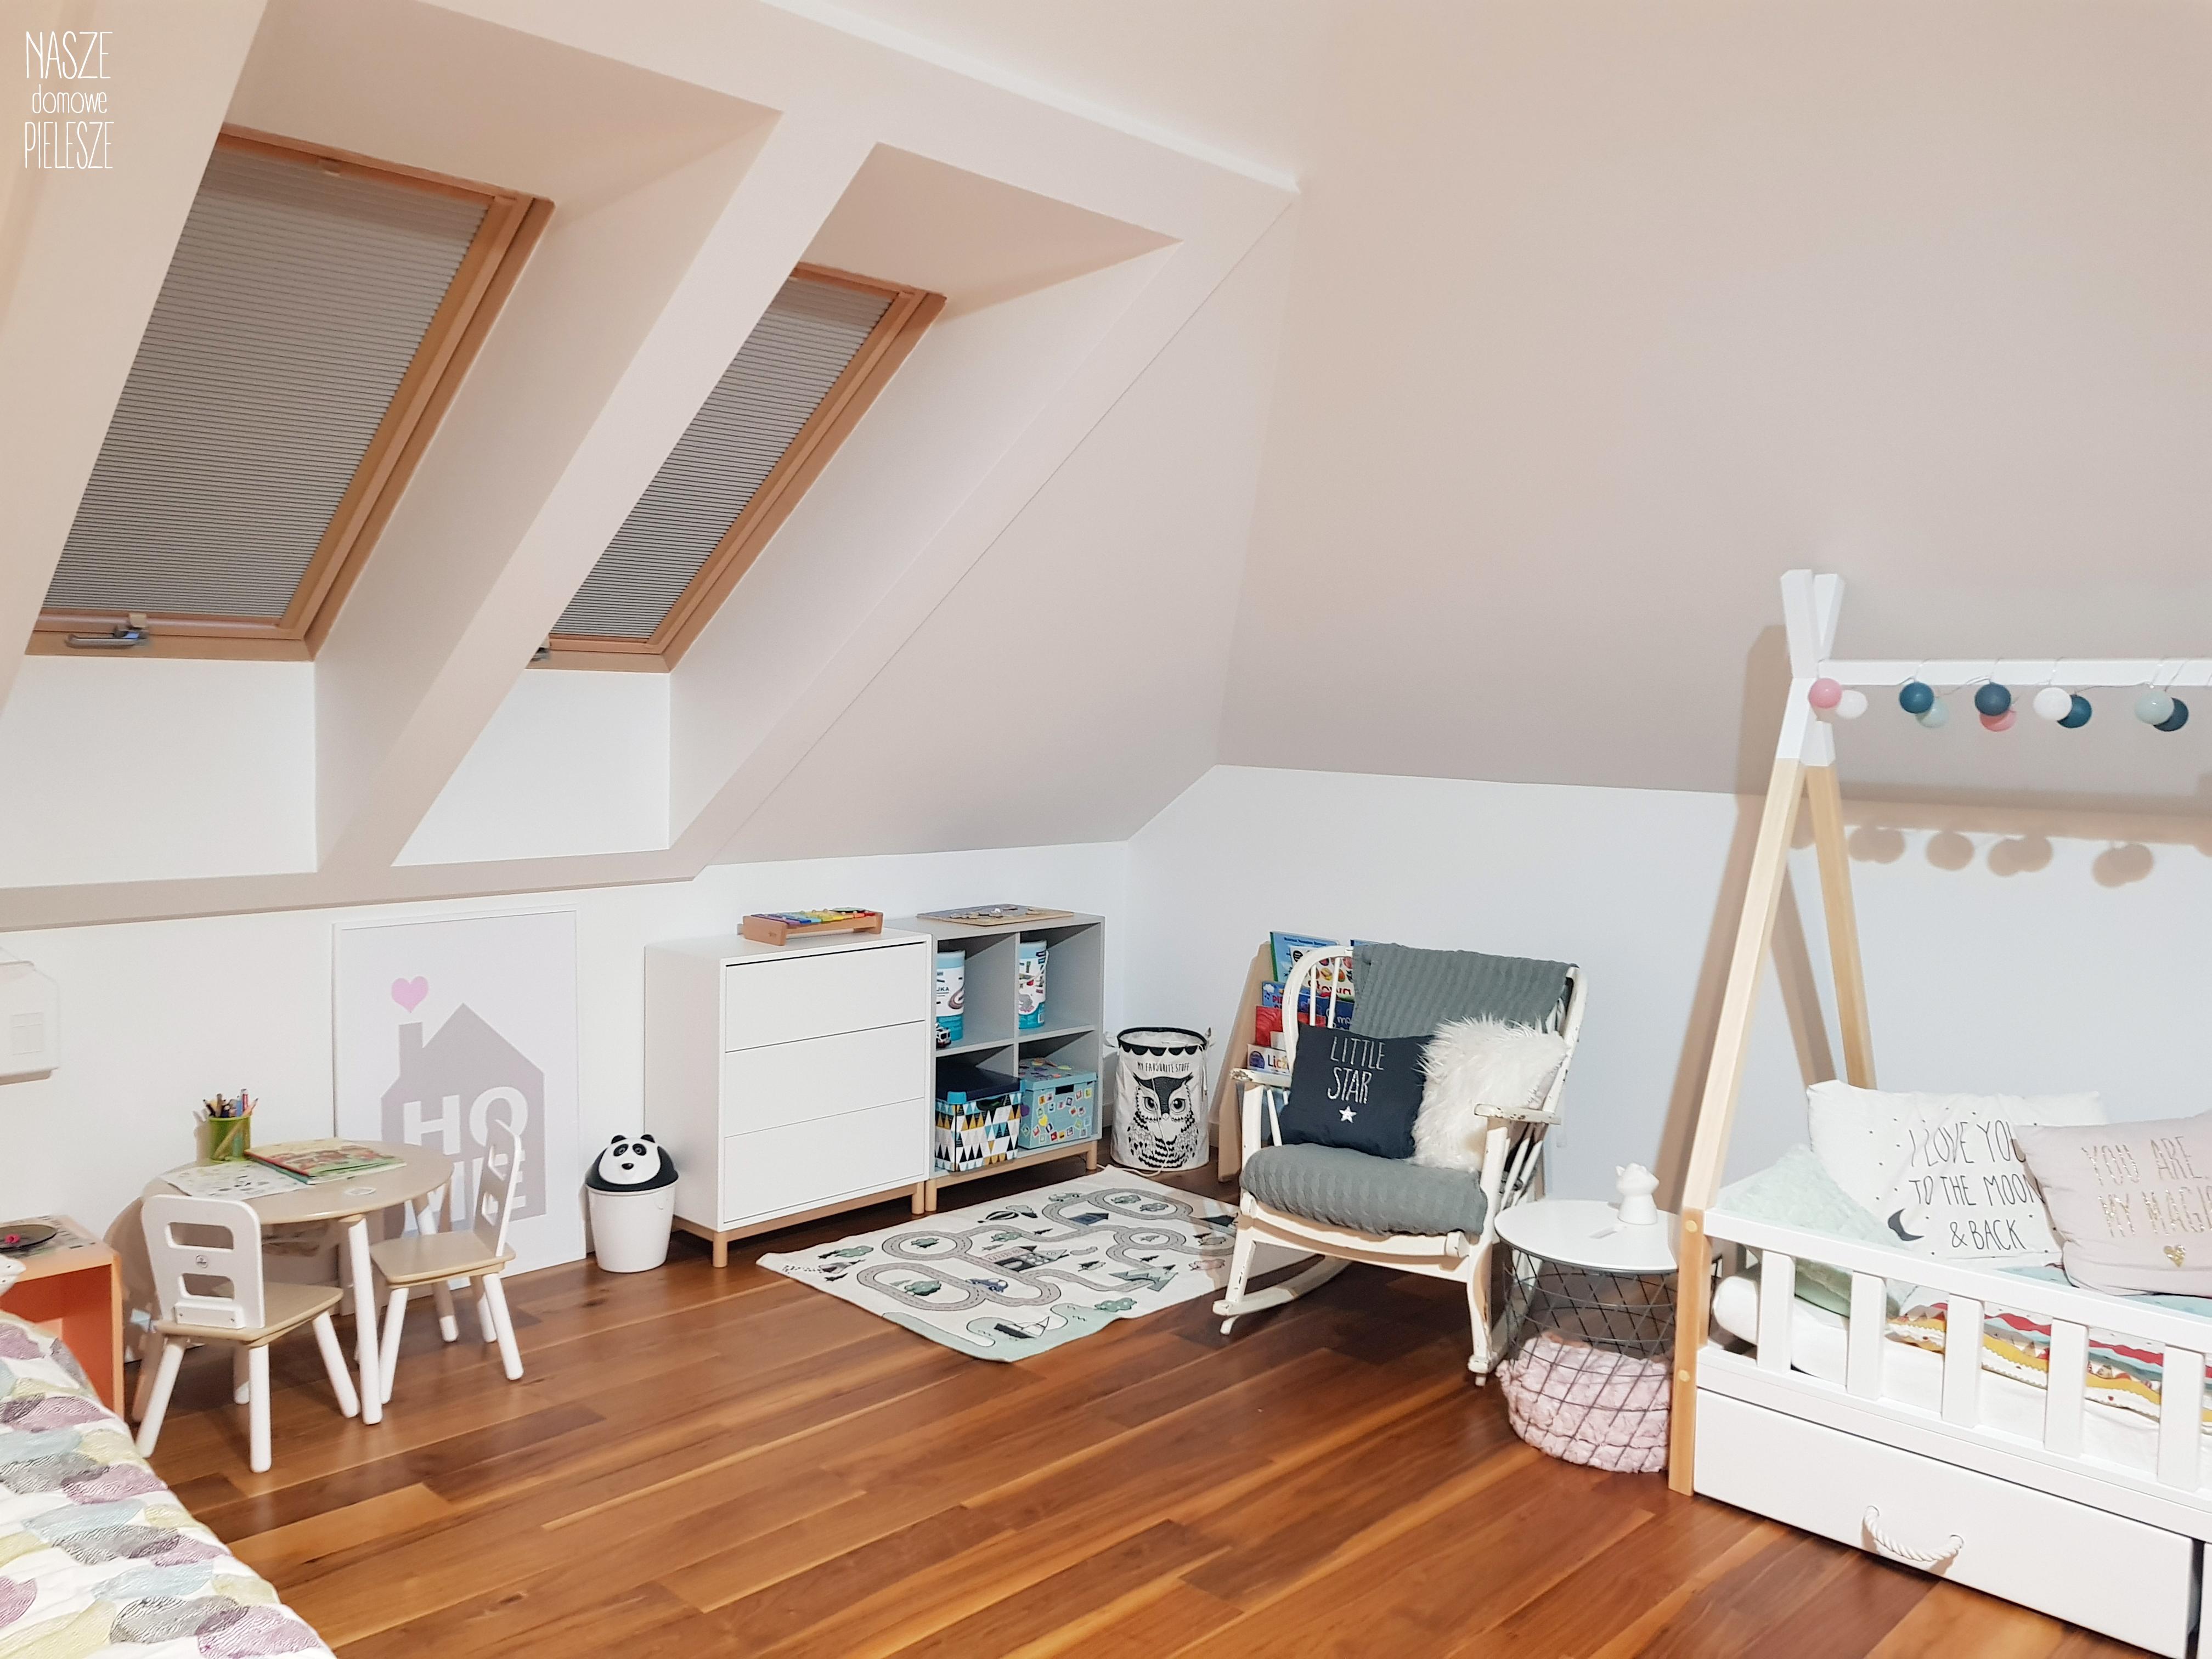 plisy na oknie dachowym pokój dziecka